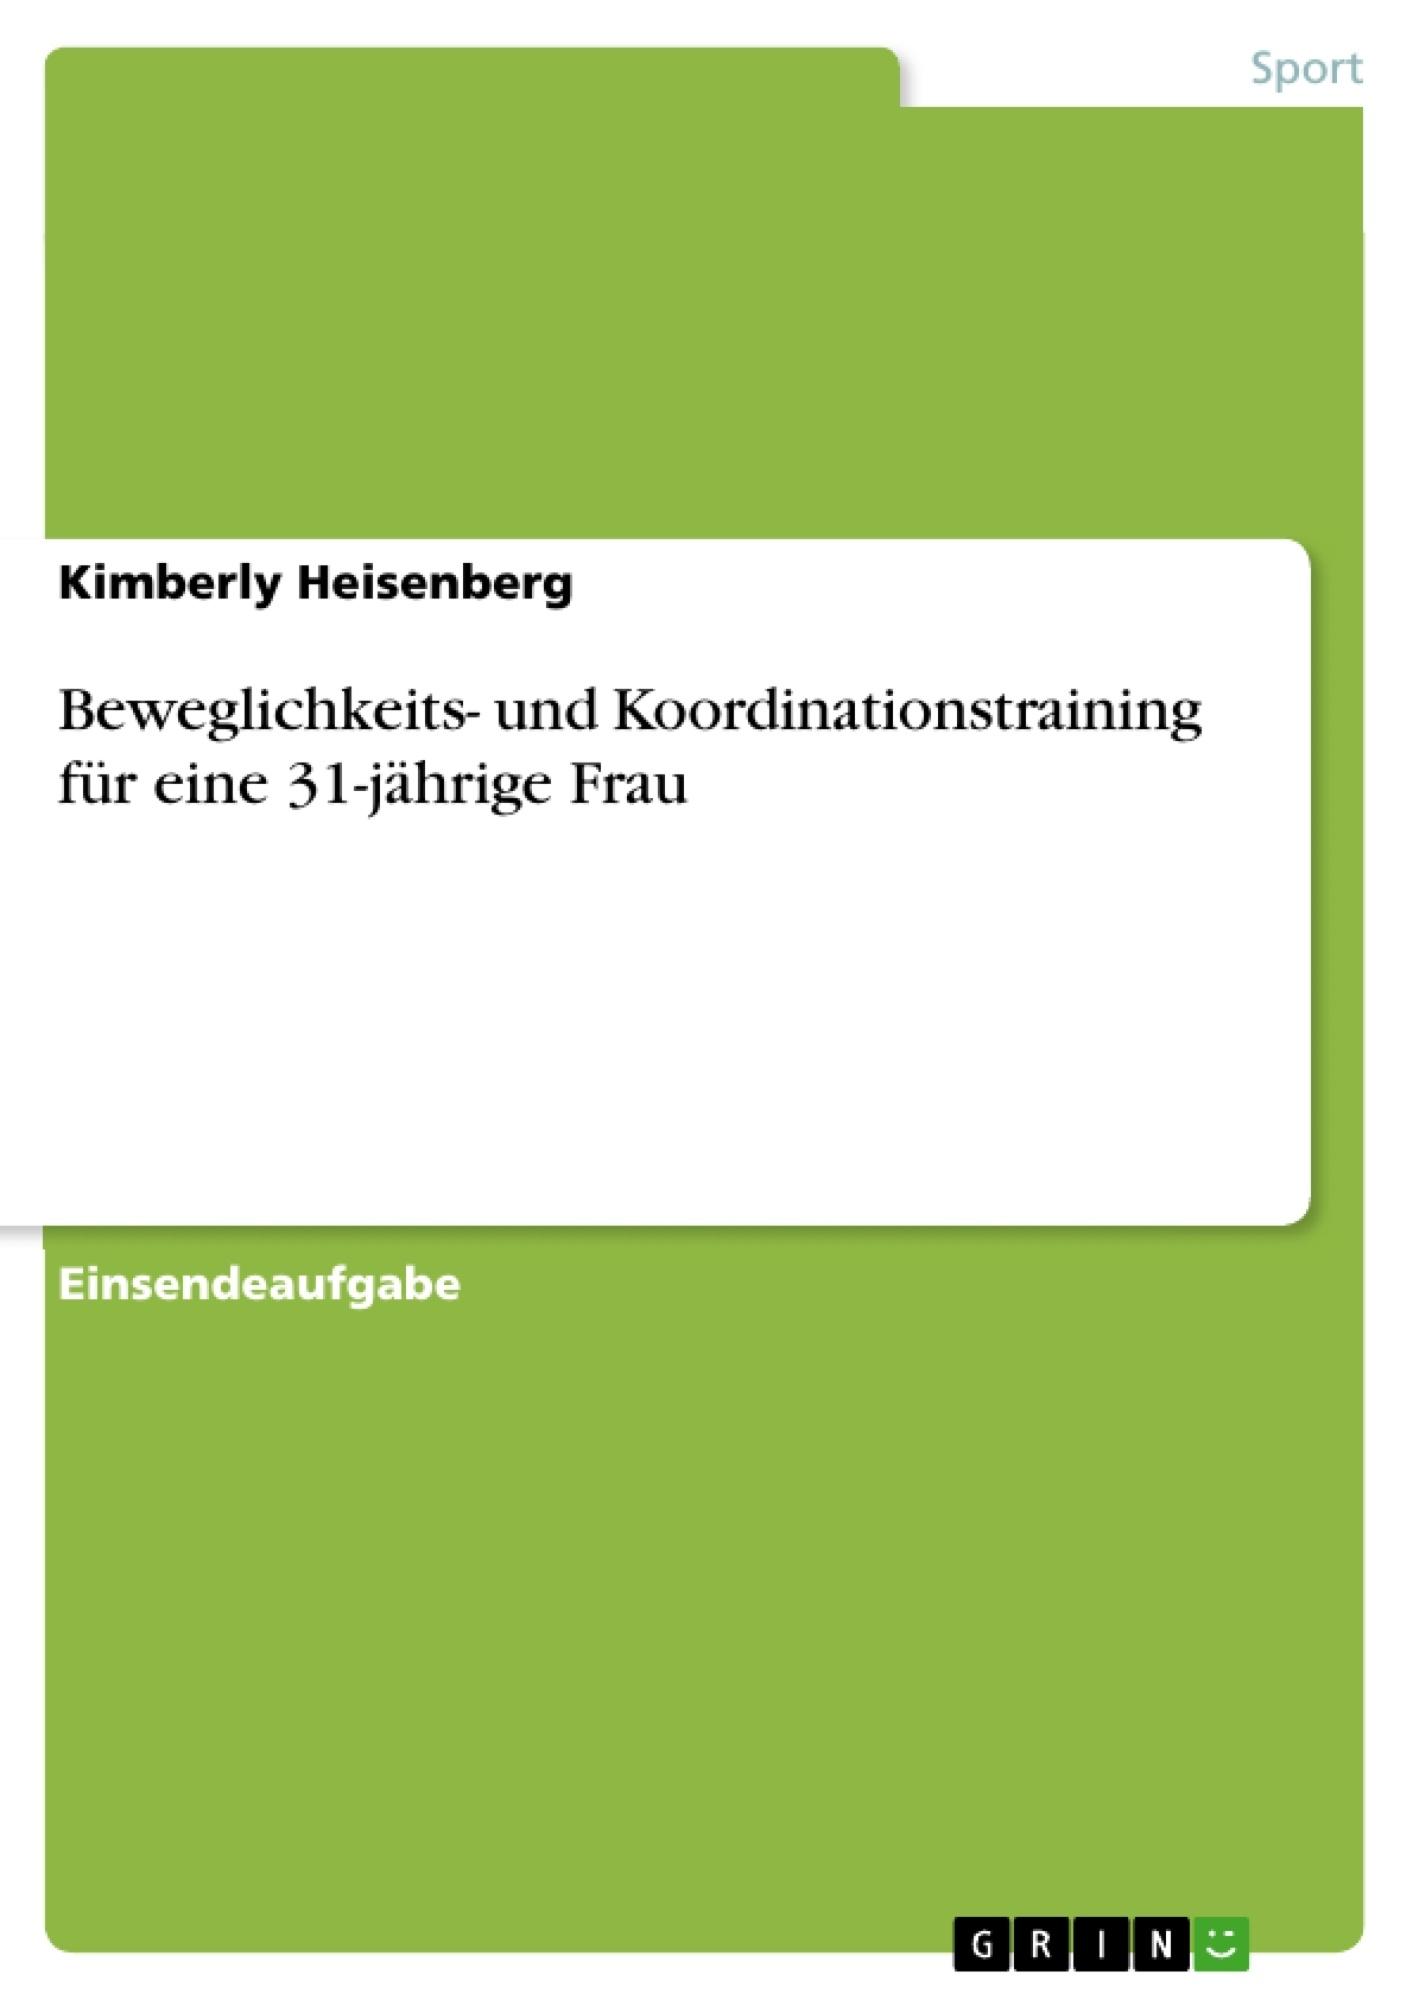 Titel: Beweglichkeits- und Koordinationstraining für eine 31-jährige Frau